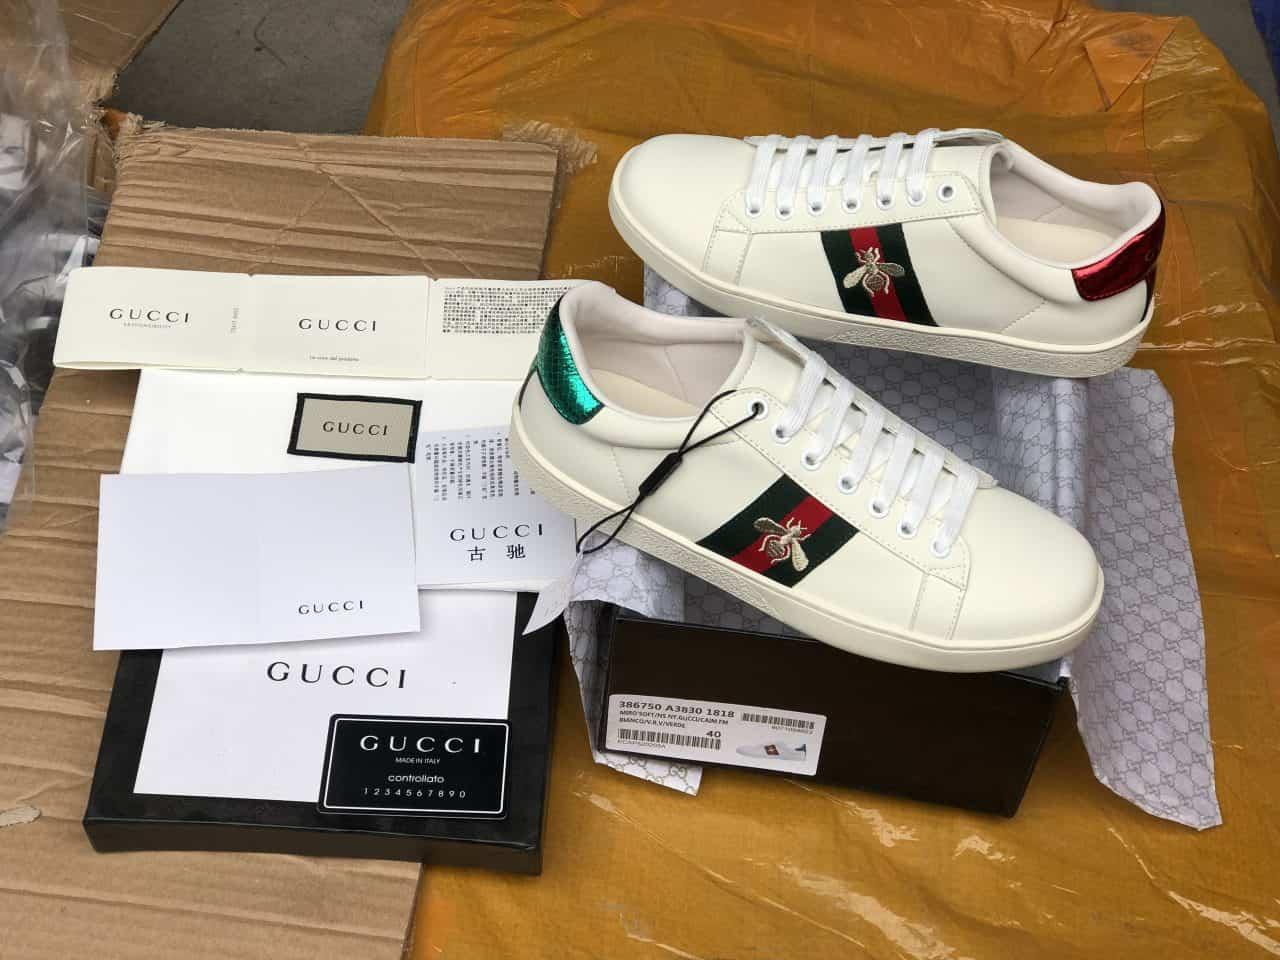 Gucci Ong Rep 1:1 phù hợp mọi outfit